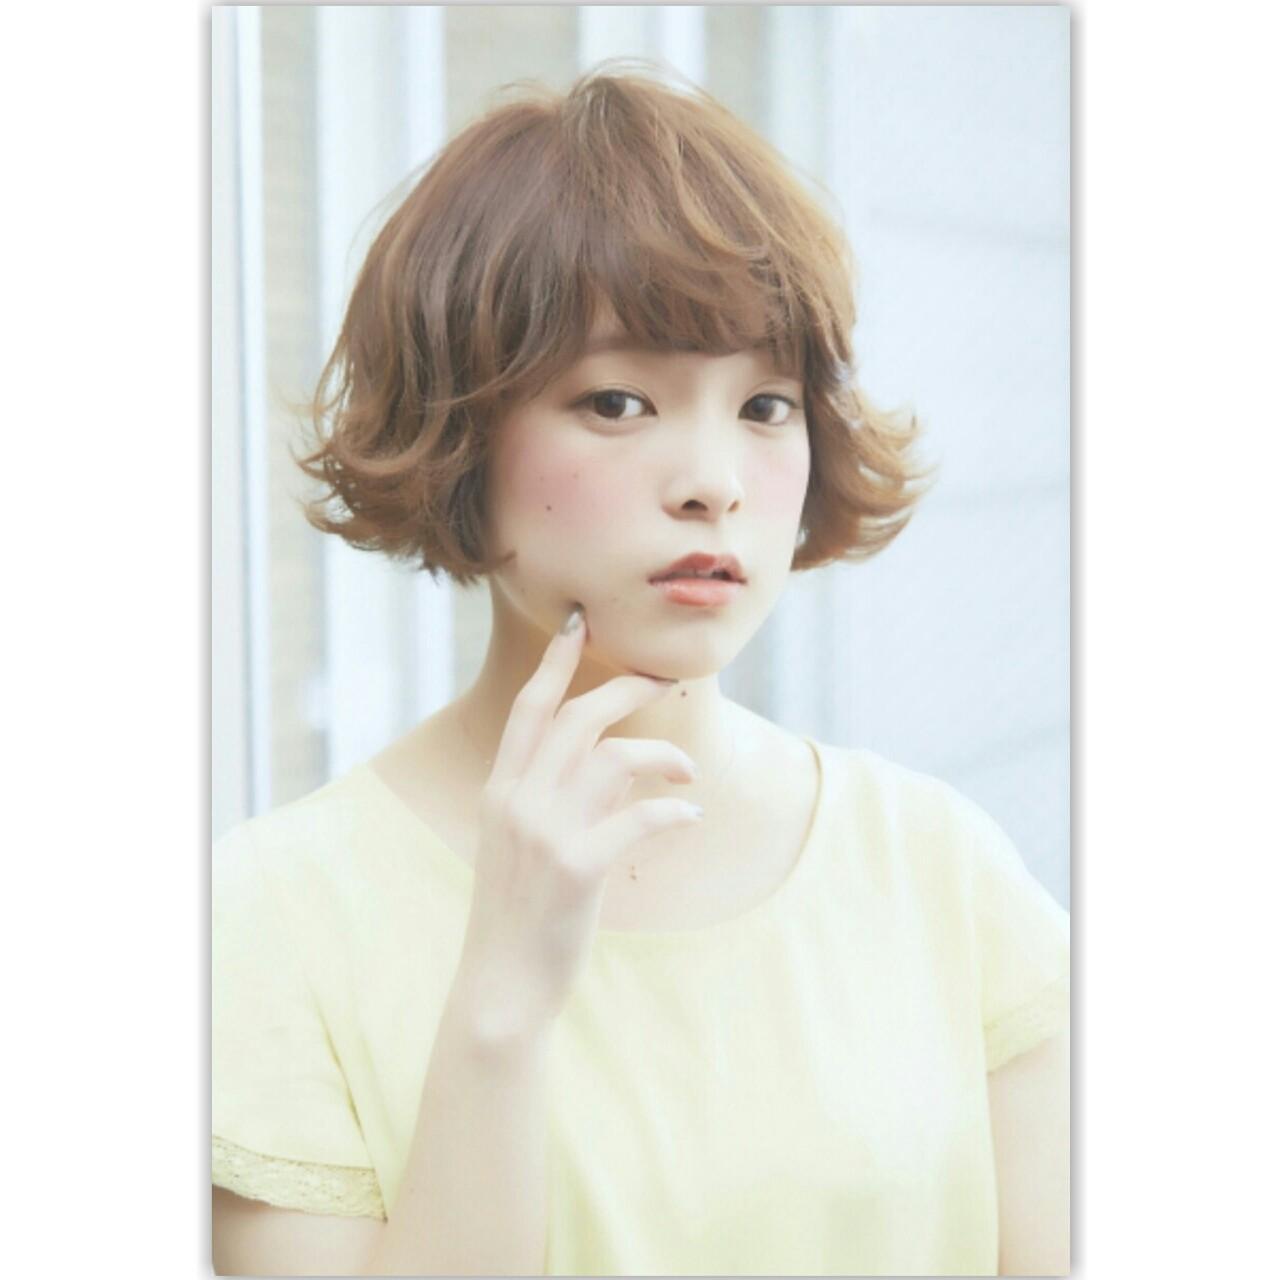 ナチュラル ゆるふわ 前髪あり パーマ ヘアスタイルや髪型の写真・画像 | MANAMI / free lance